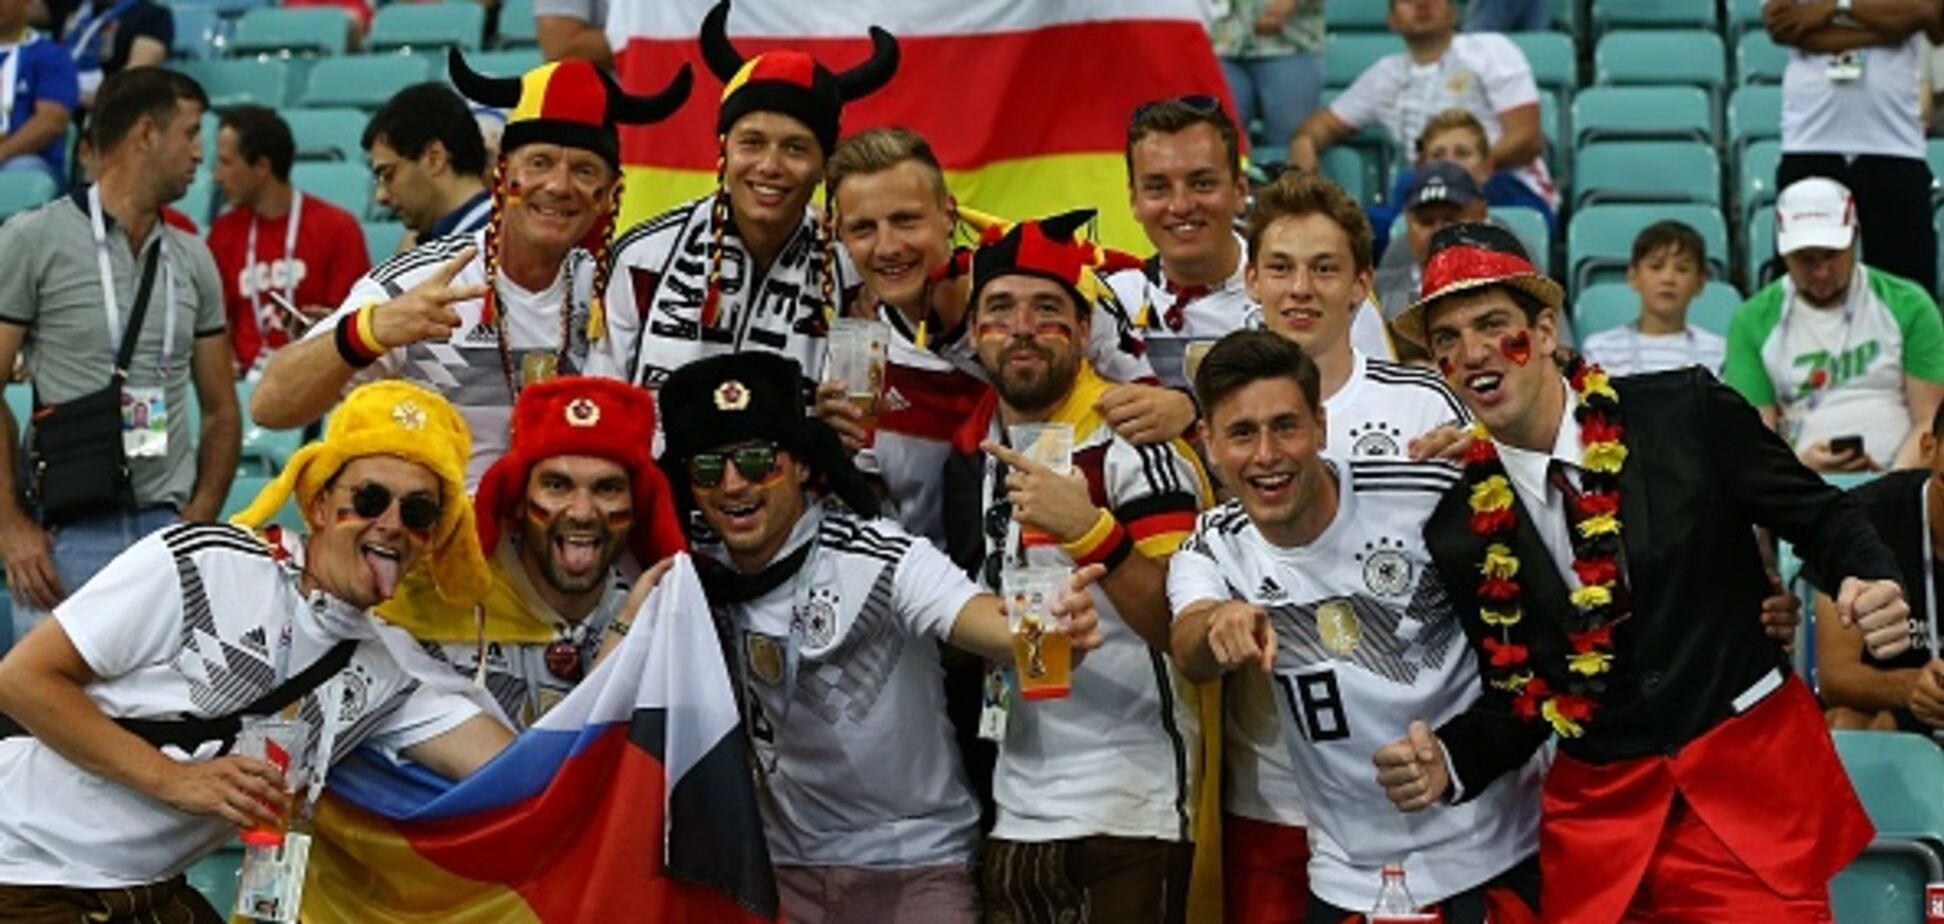 Німеччині передрекли катастрофу через матч ЧС-2018